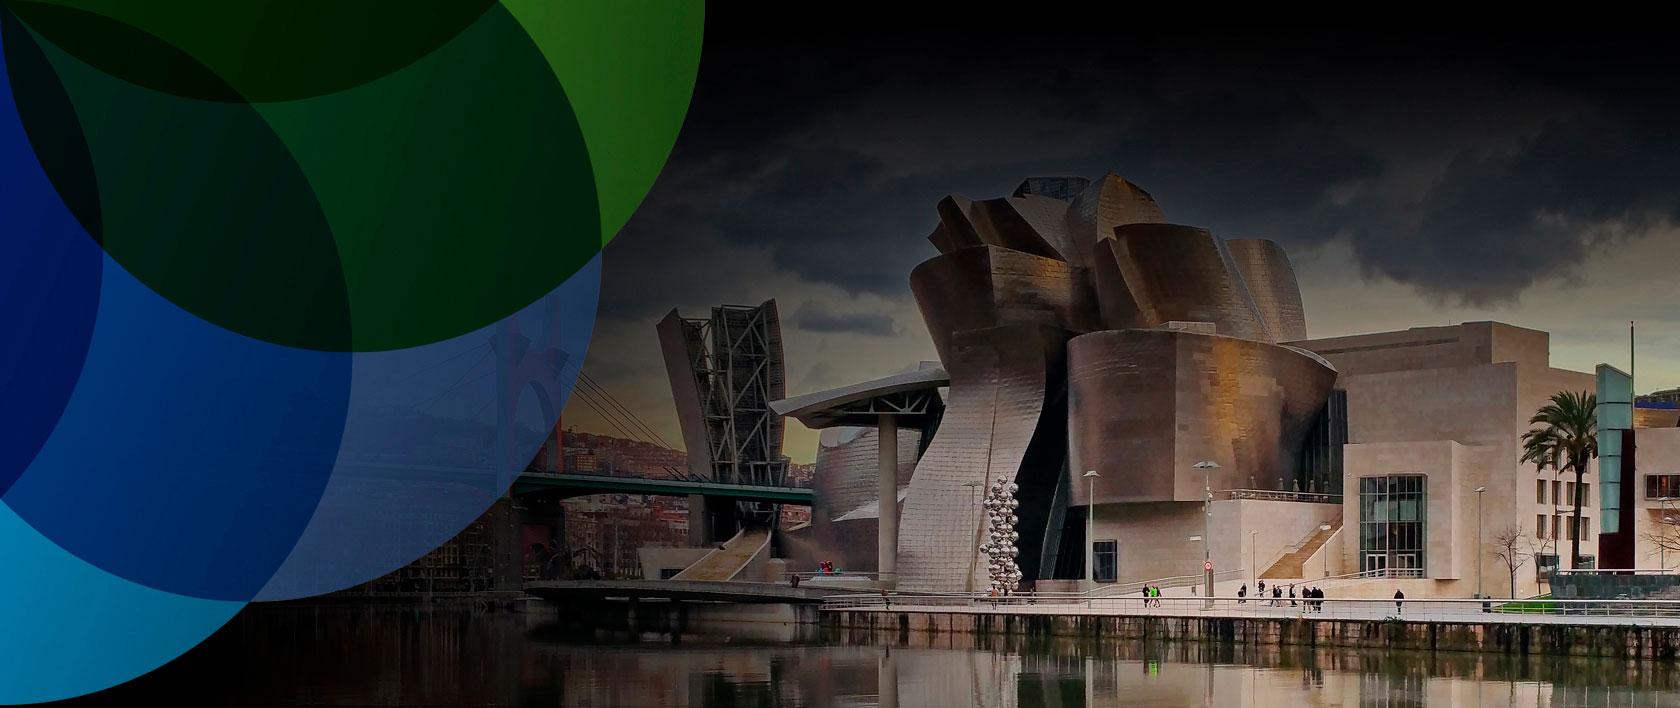 + Repair Bilbao